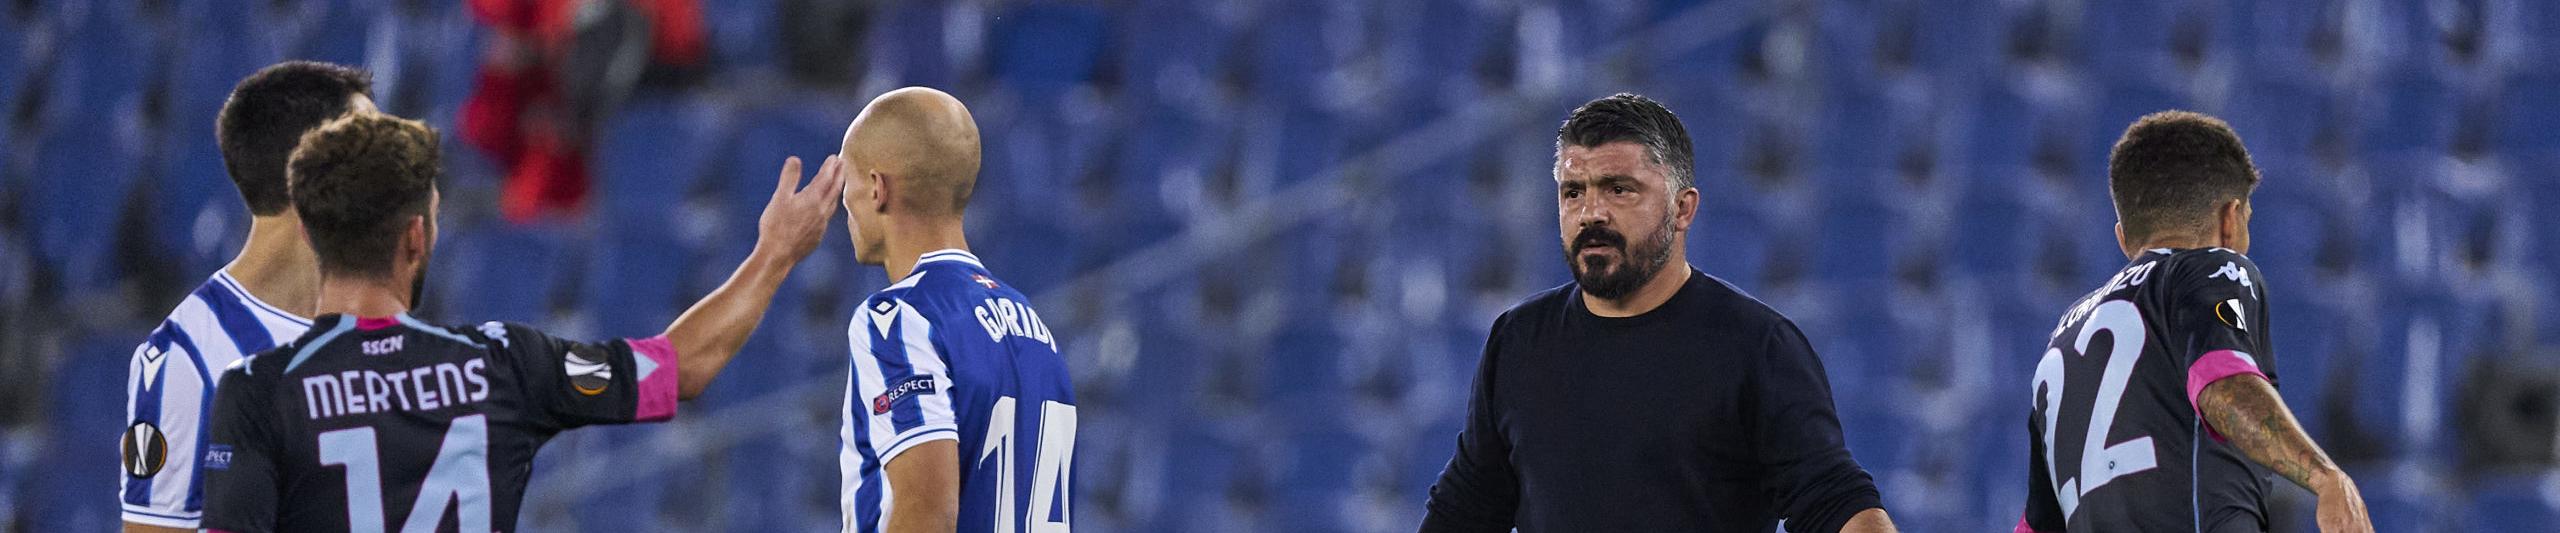 Napoli-Real Sociedad: azzurri sicuri del 1° posto solo con una vittoria